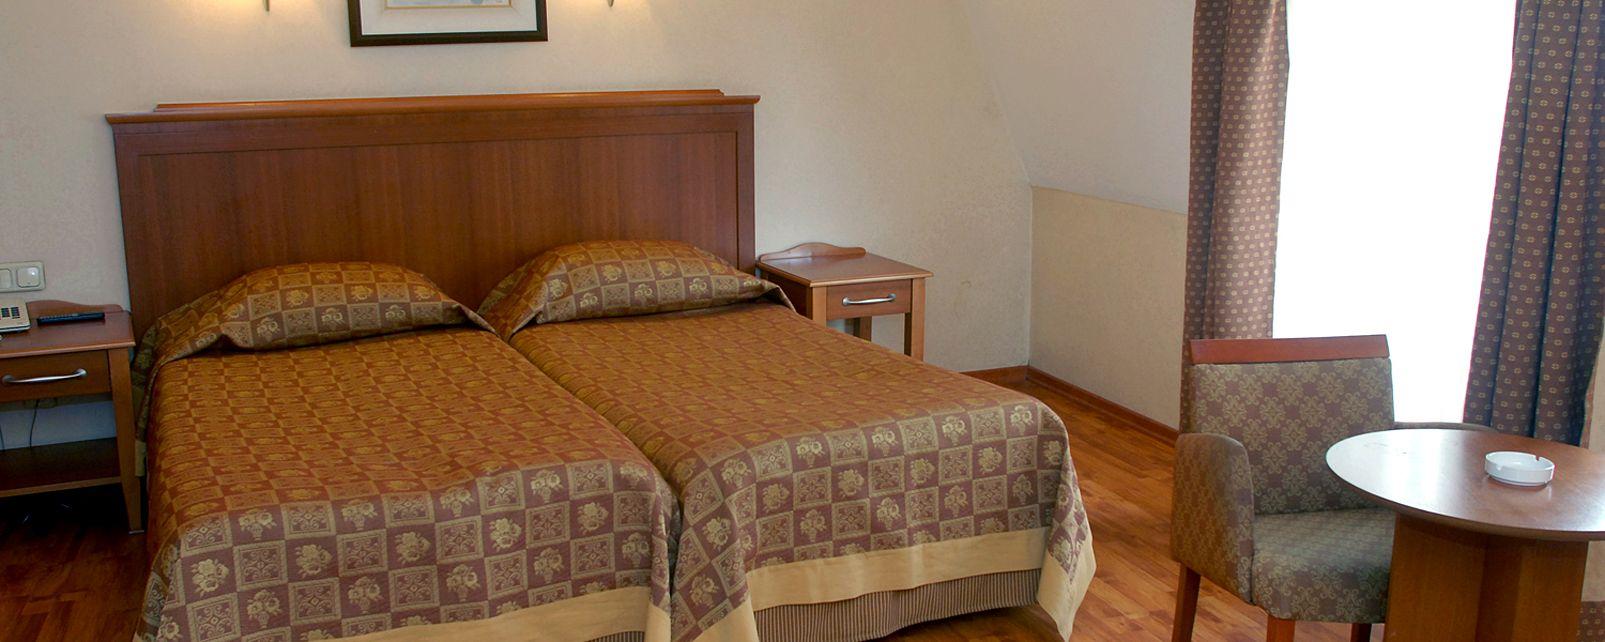 Hôtel Asur Hotel